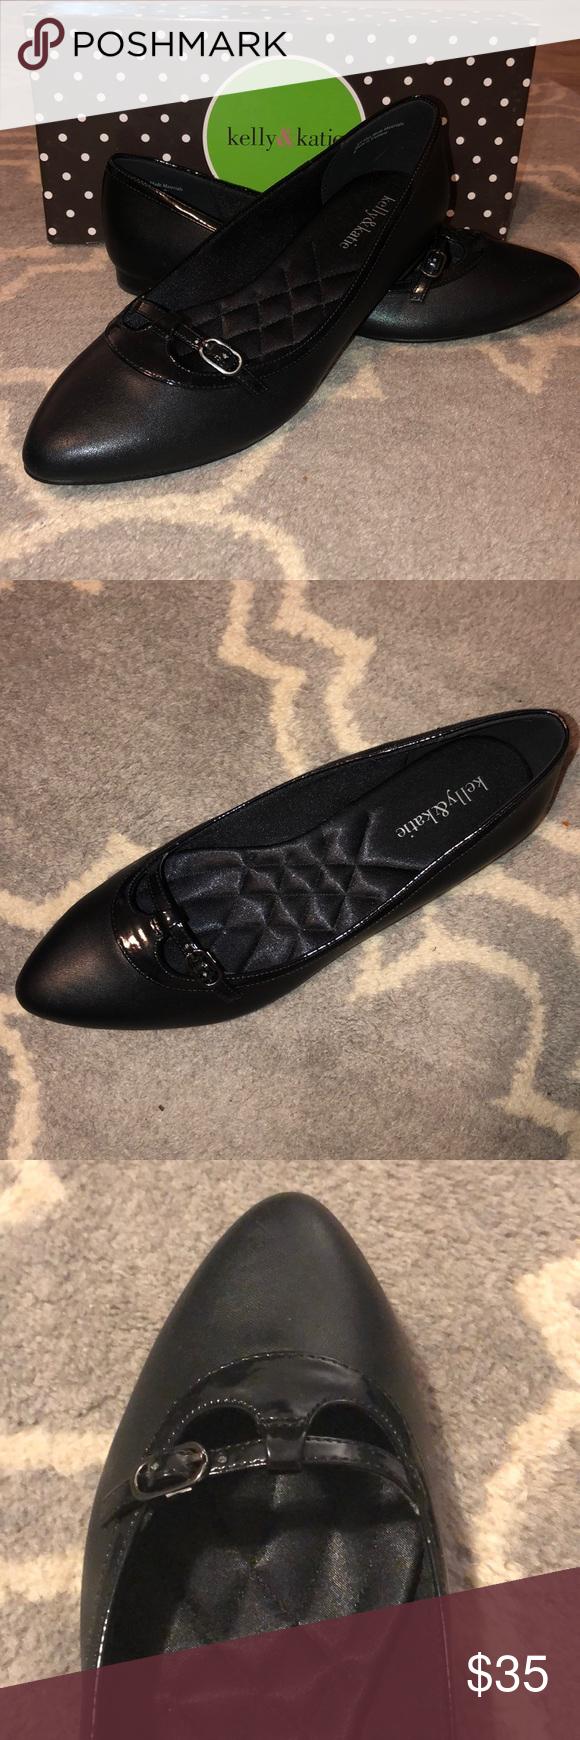 Kelly Katie Women S Flats Dress Shoes Flat Dress Shoes Dress Shoes Womens Flats Dress Shoes [ 1740 x 580 Pixel ]